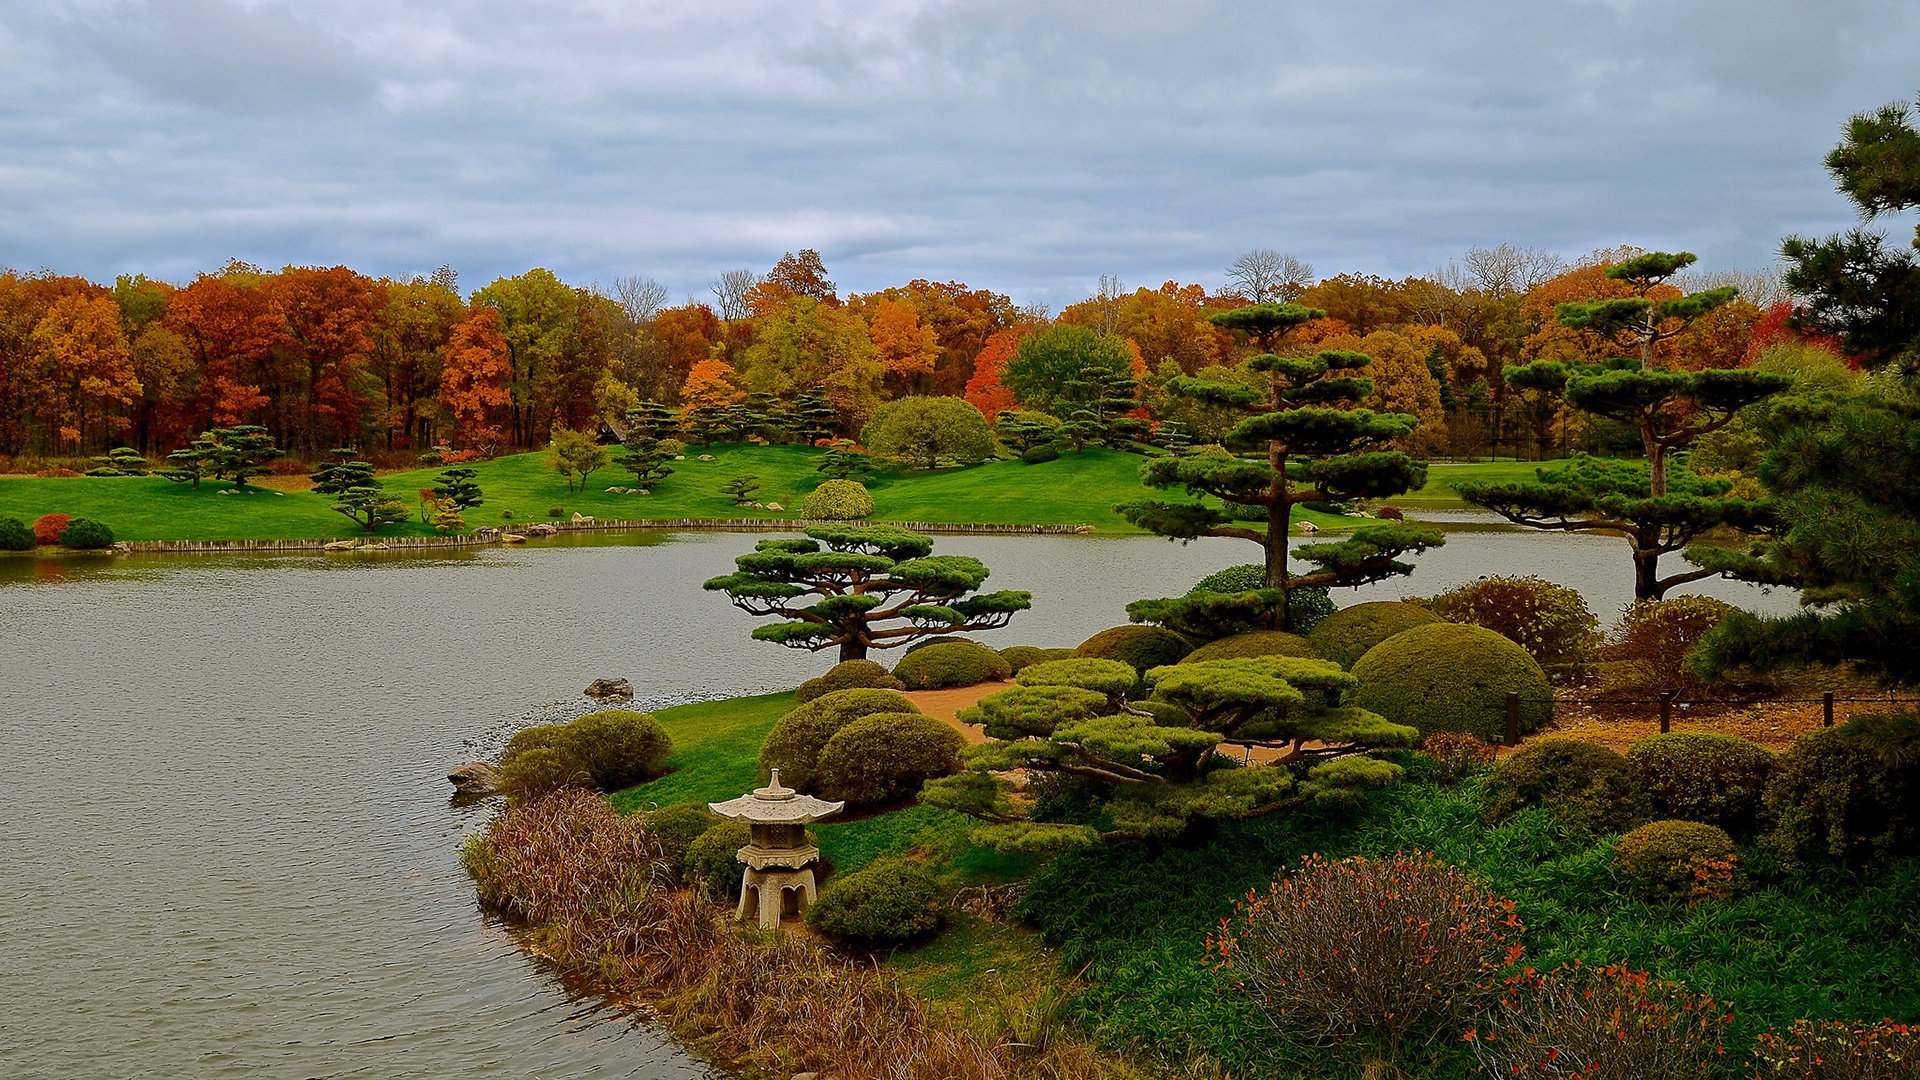 Jardin Japonais Fond D'écran Hd | Arrière-Plan | 1920X1080 ... intérieur Construction Jardin Japonais